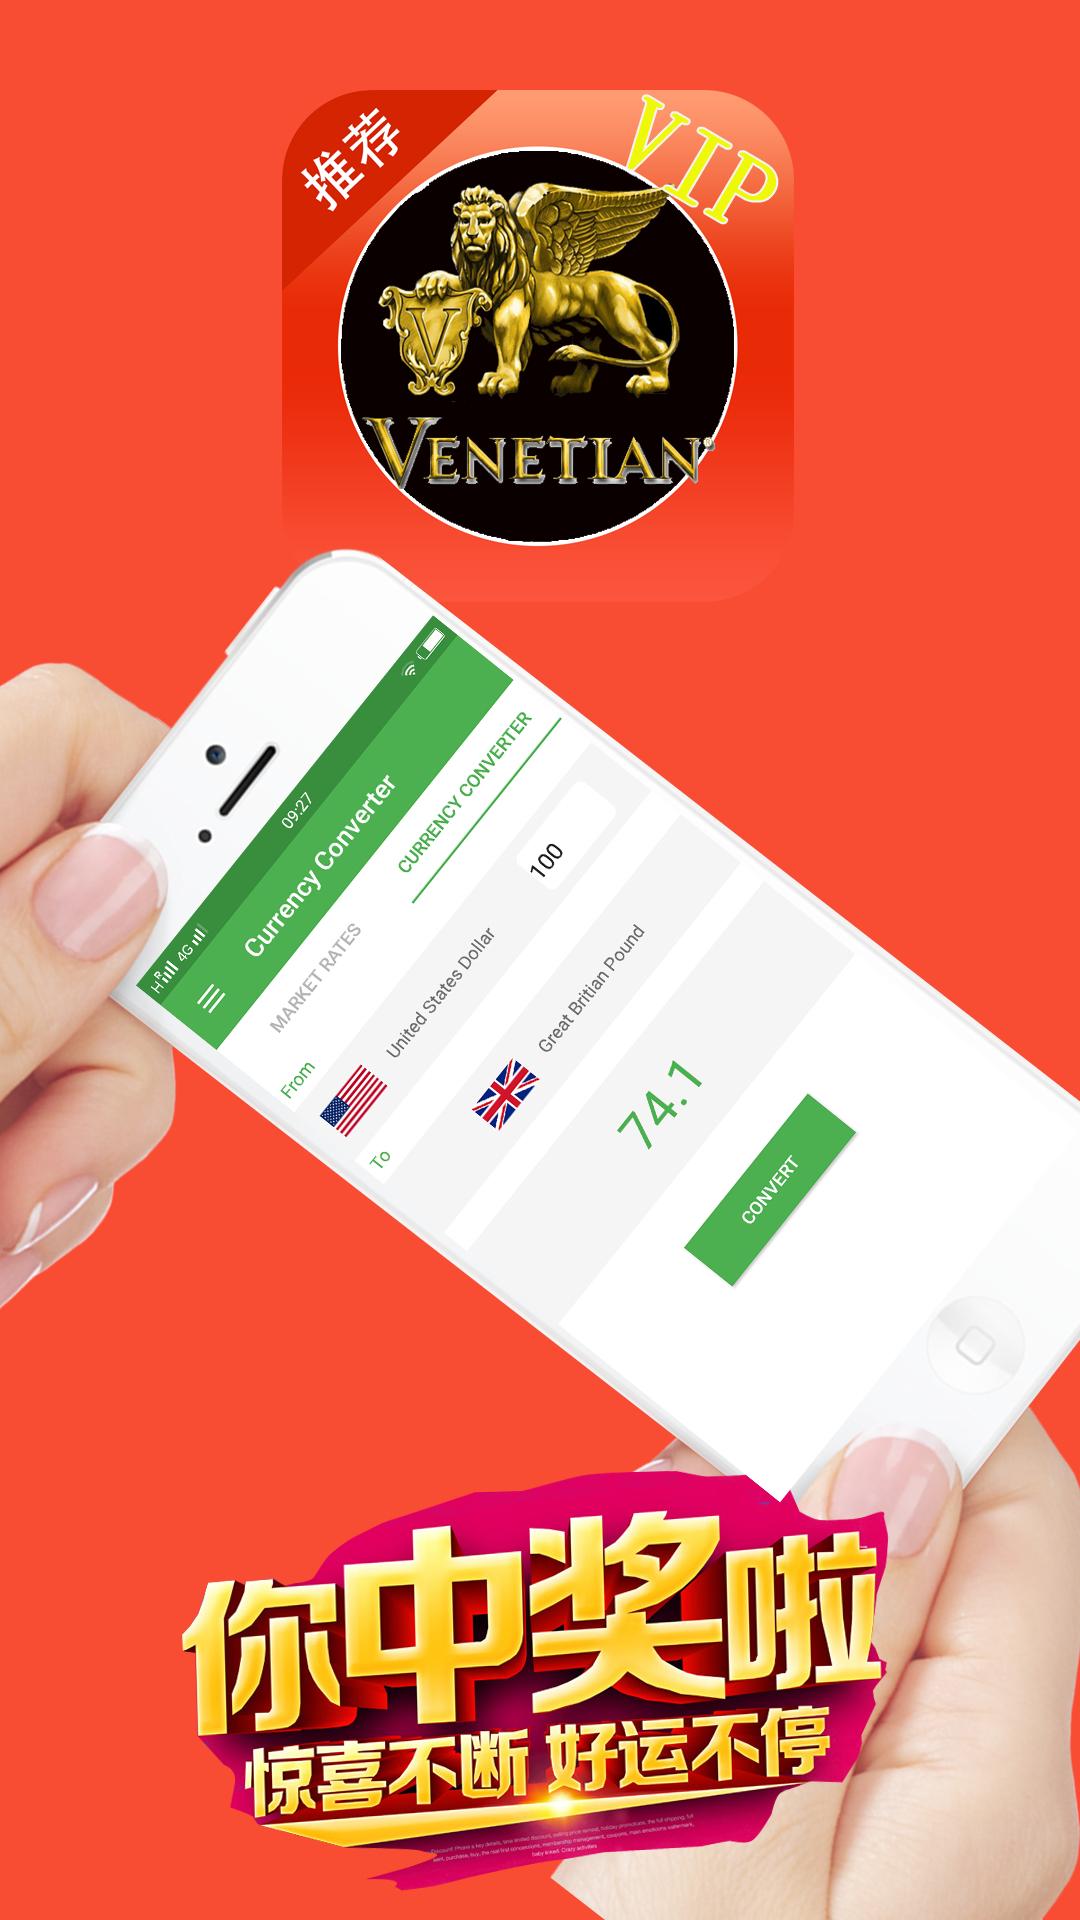 威尼斯VIP客户端-应用截图